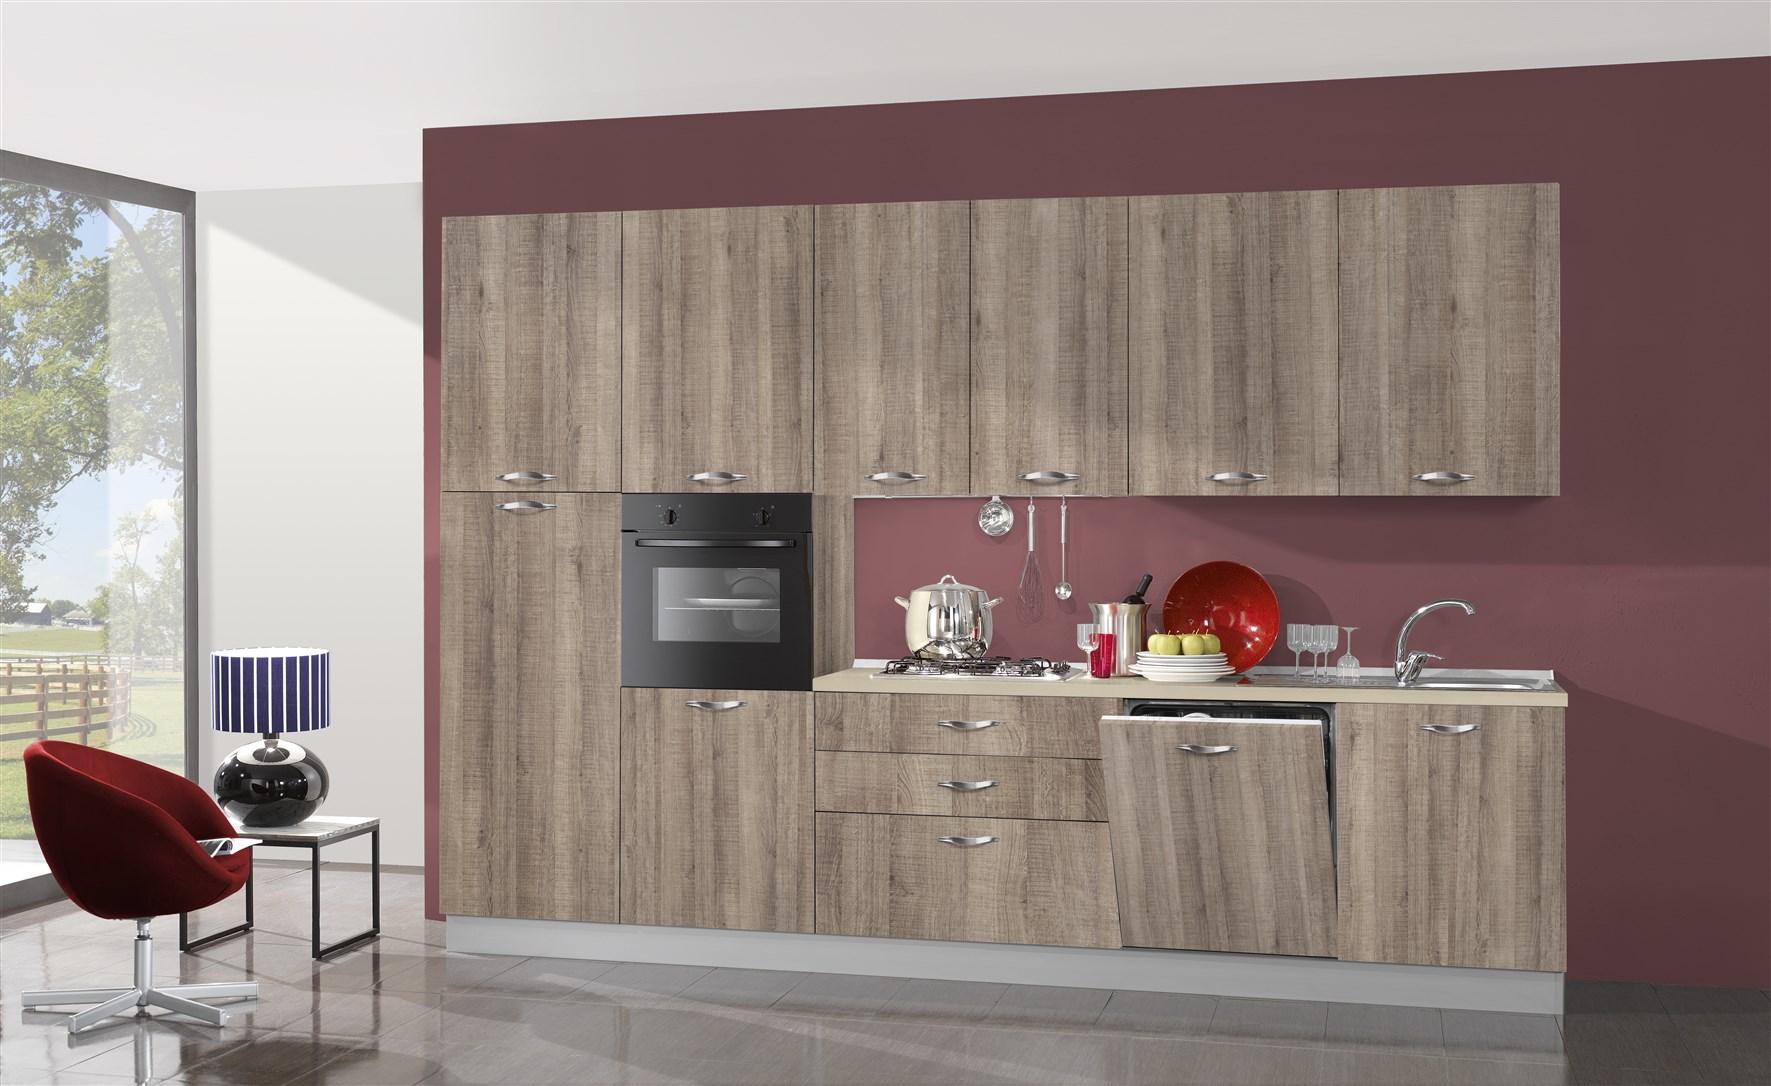 Gio 330cm 1150 arredamenti di lorenzo napoli for Di lorenzo arredamenti